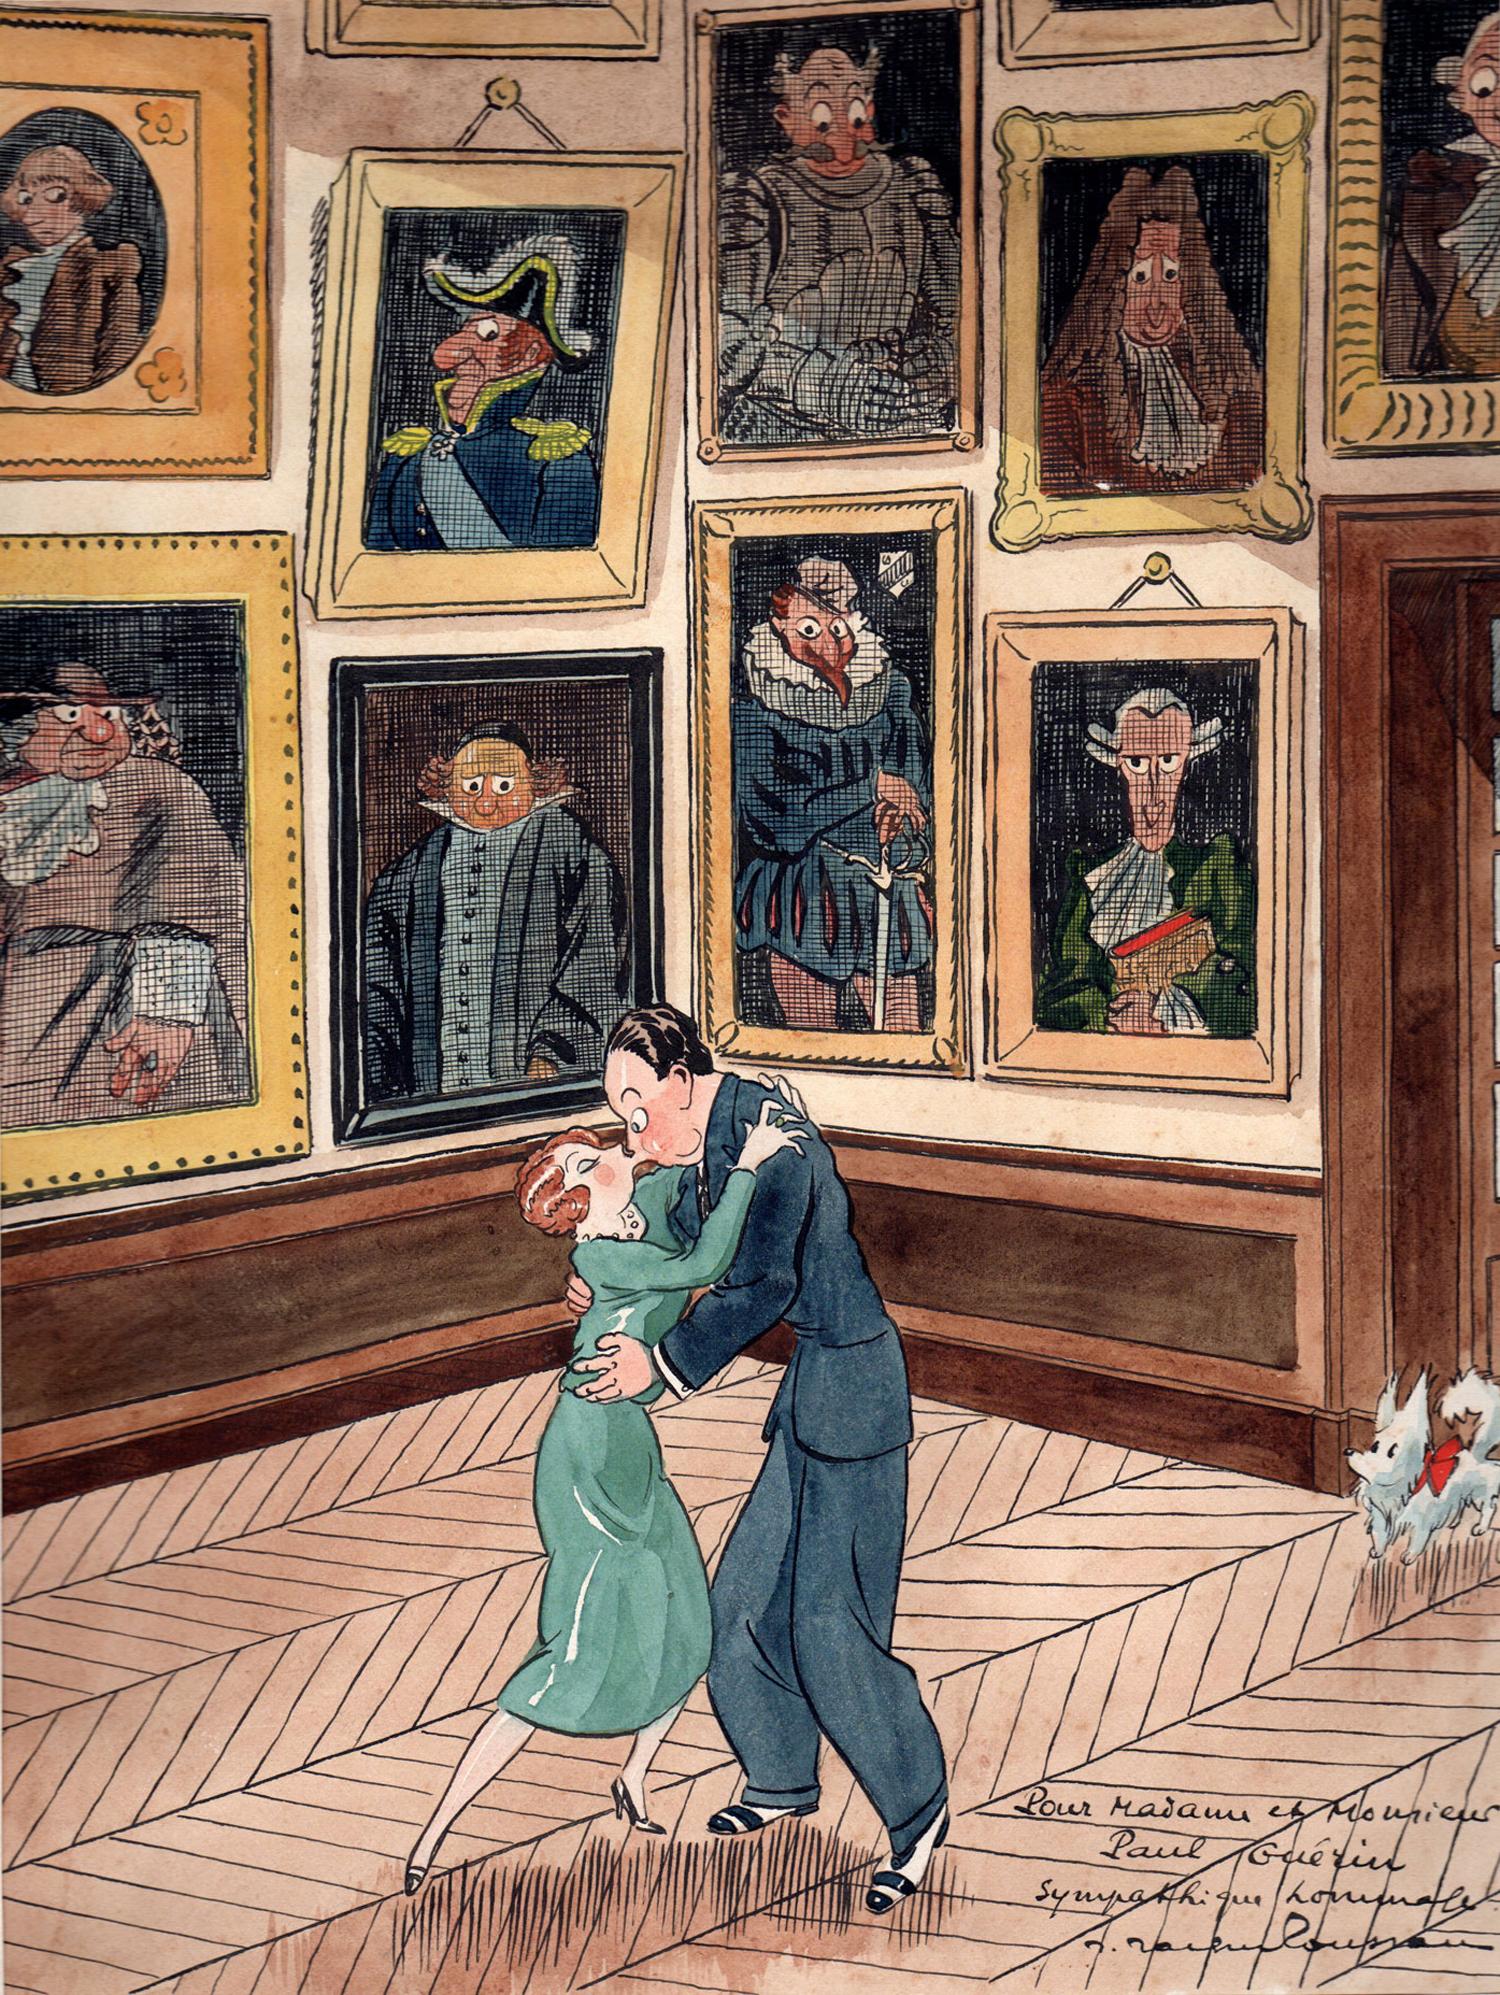 Les coins tranquilles - Enfin seul! | Jean-Jacques Rousseau | Les coins tranquilles - Enfin seul!